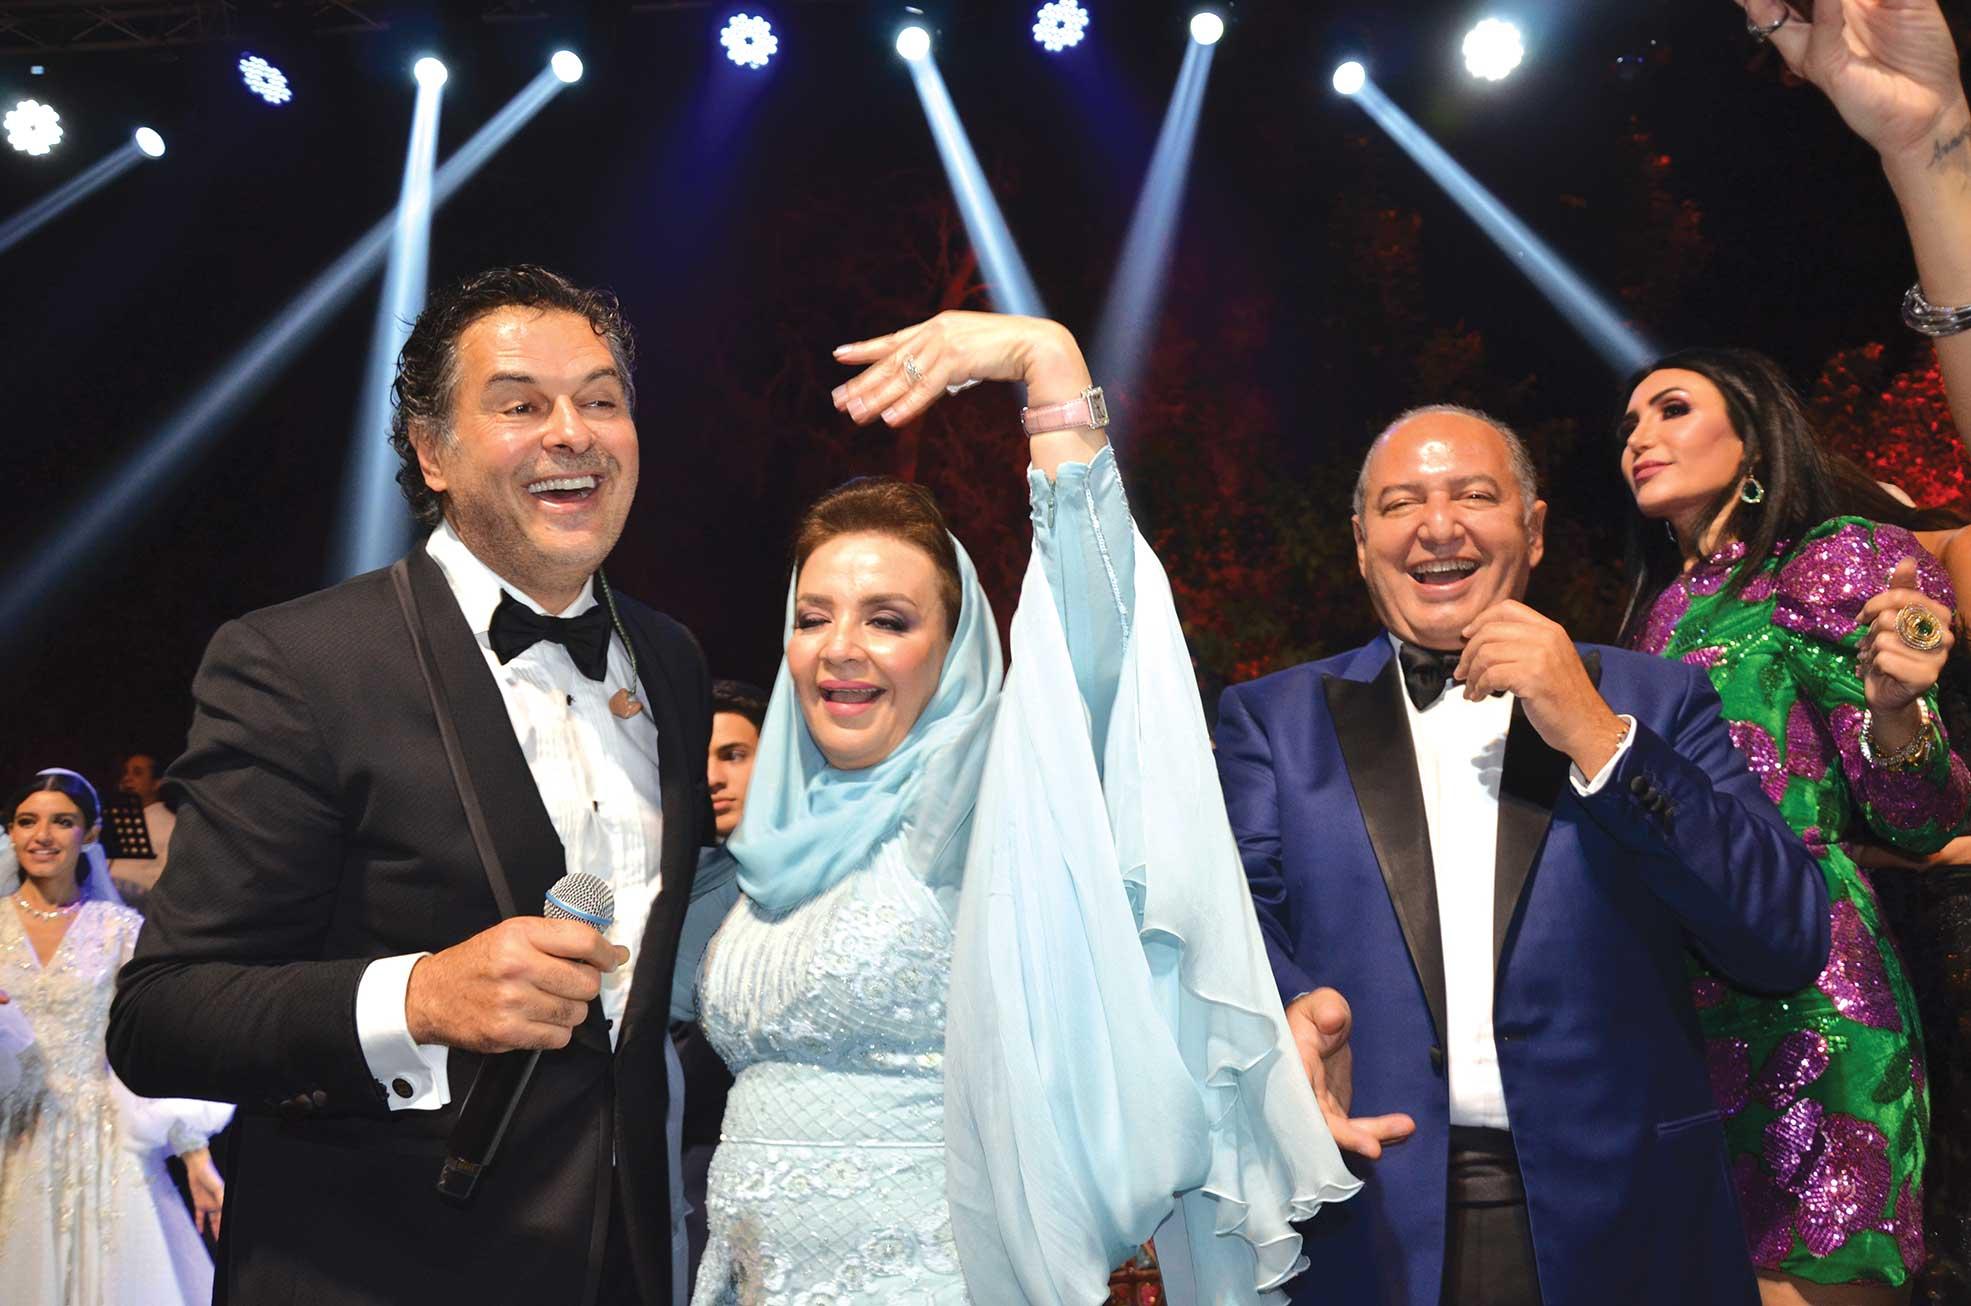 Ms. Amira ElZuhairy, Mr. Faisal ElGammal & Mr. Ragheb Alama